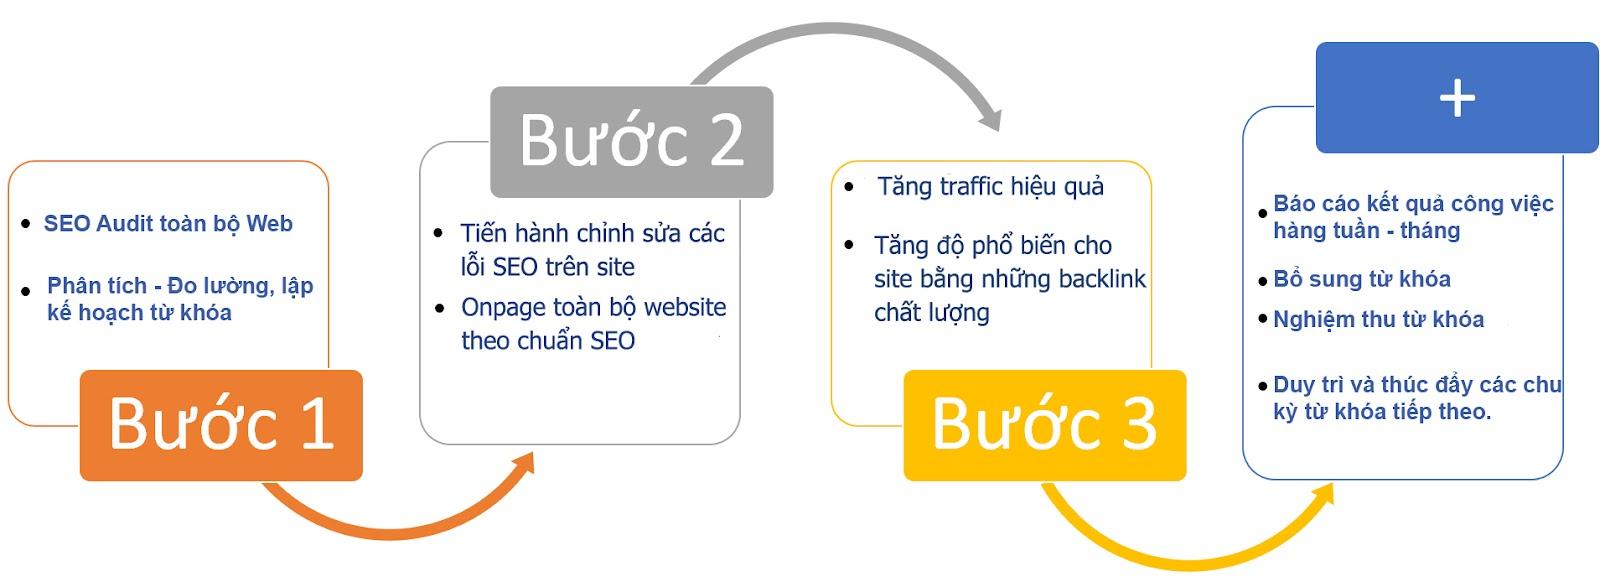 Sai lầm nguy hại Khi tự chạy quảng cáo google adwwords